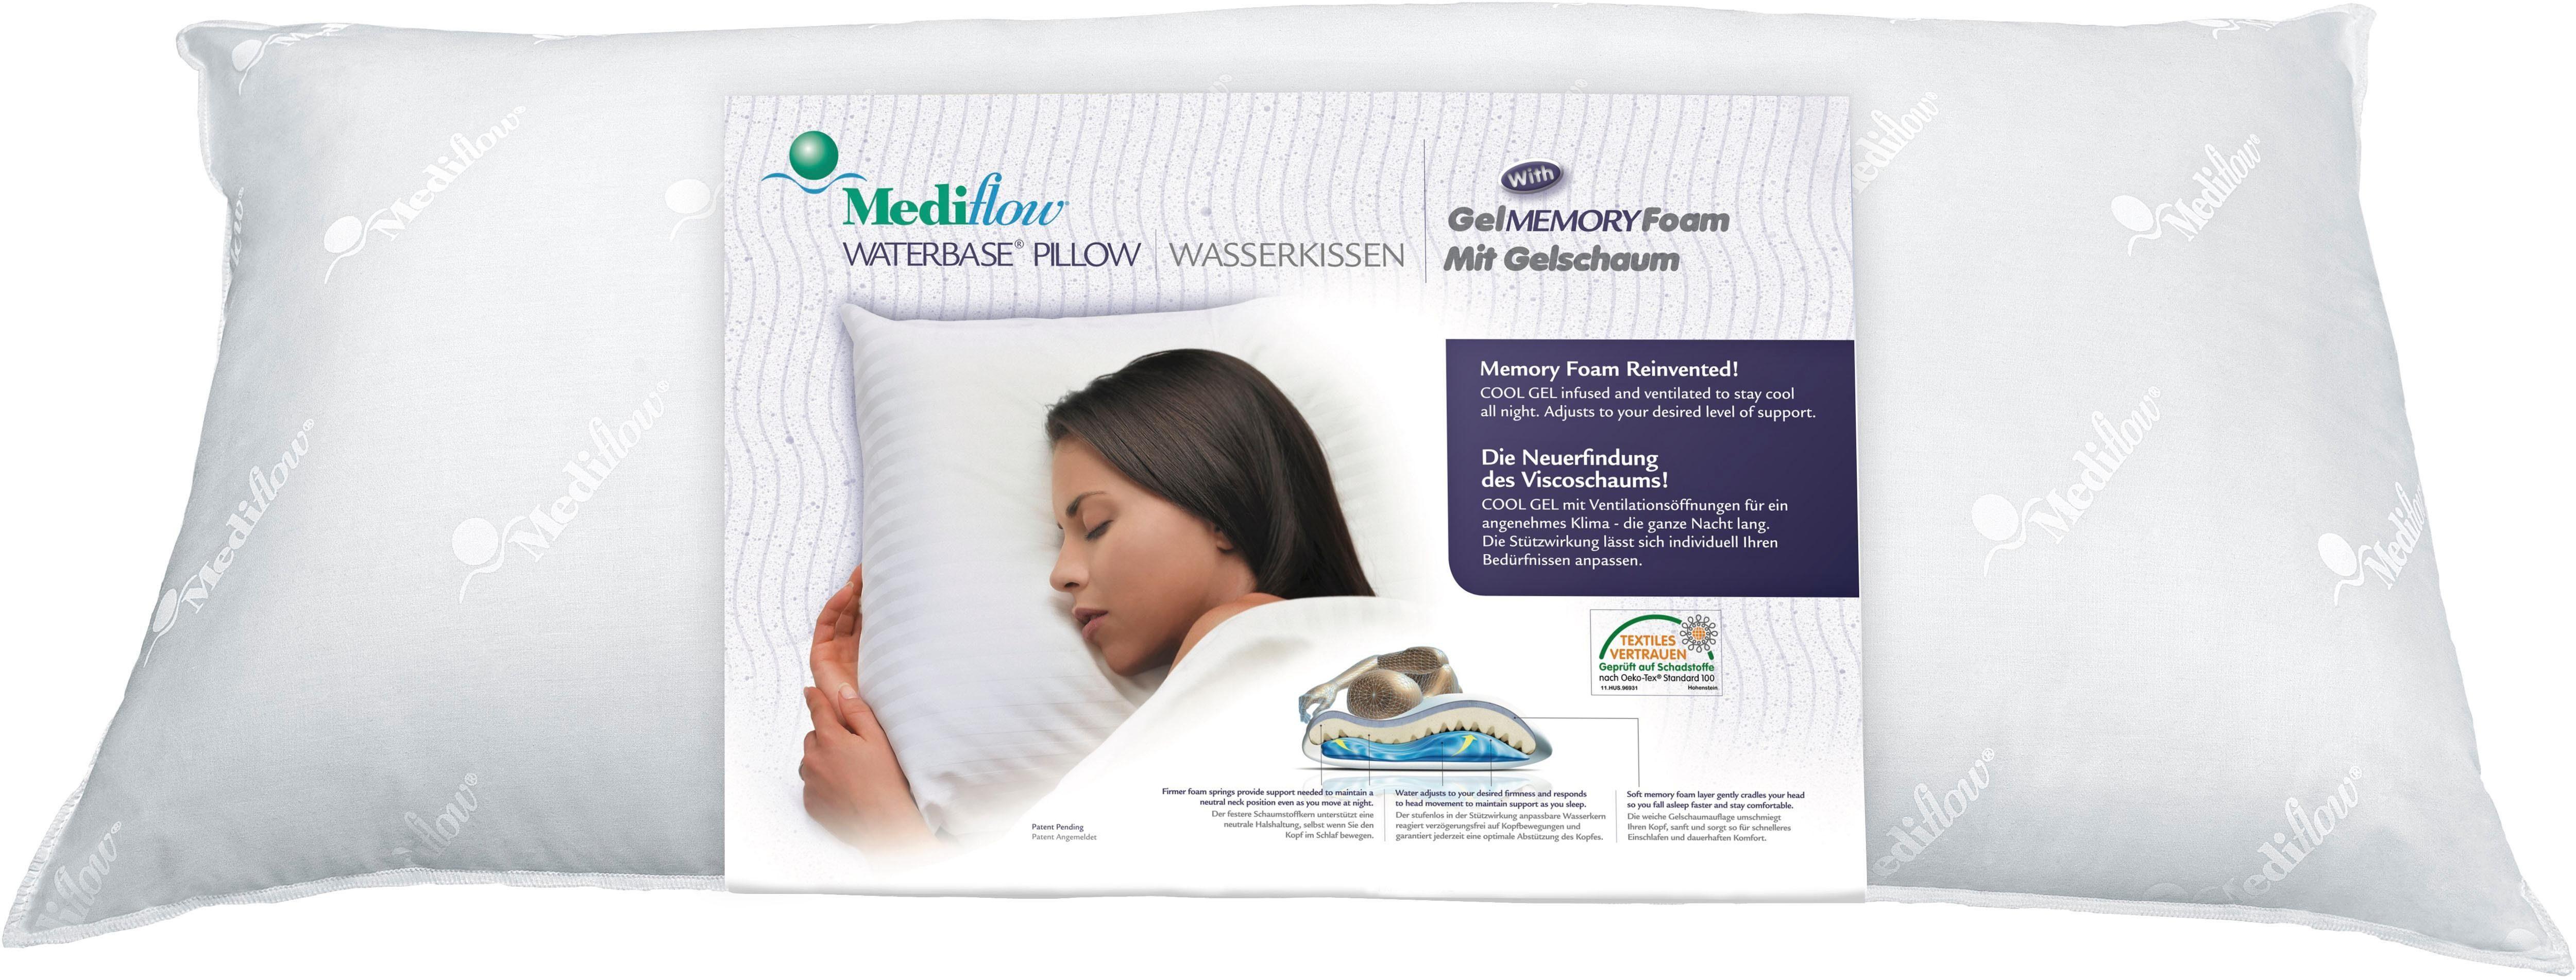 Wasserkissen, »Mediflow Original Visco-Gelschaum-Wasserkissen 5007 50x70cm«, Mediflow, Bezug: 100% Baumwolle, (1-tlg)